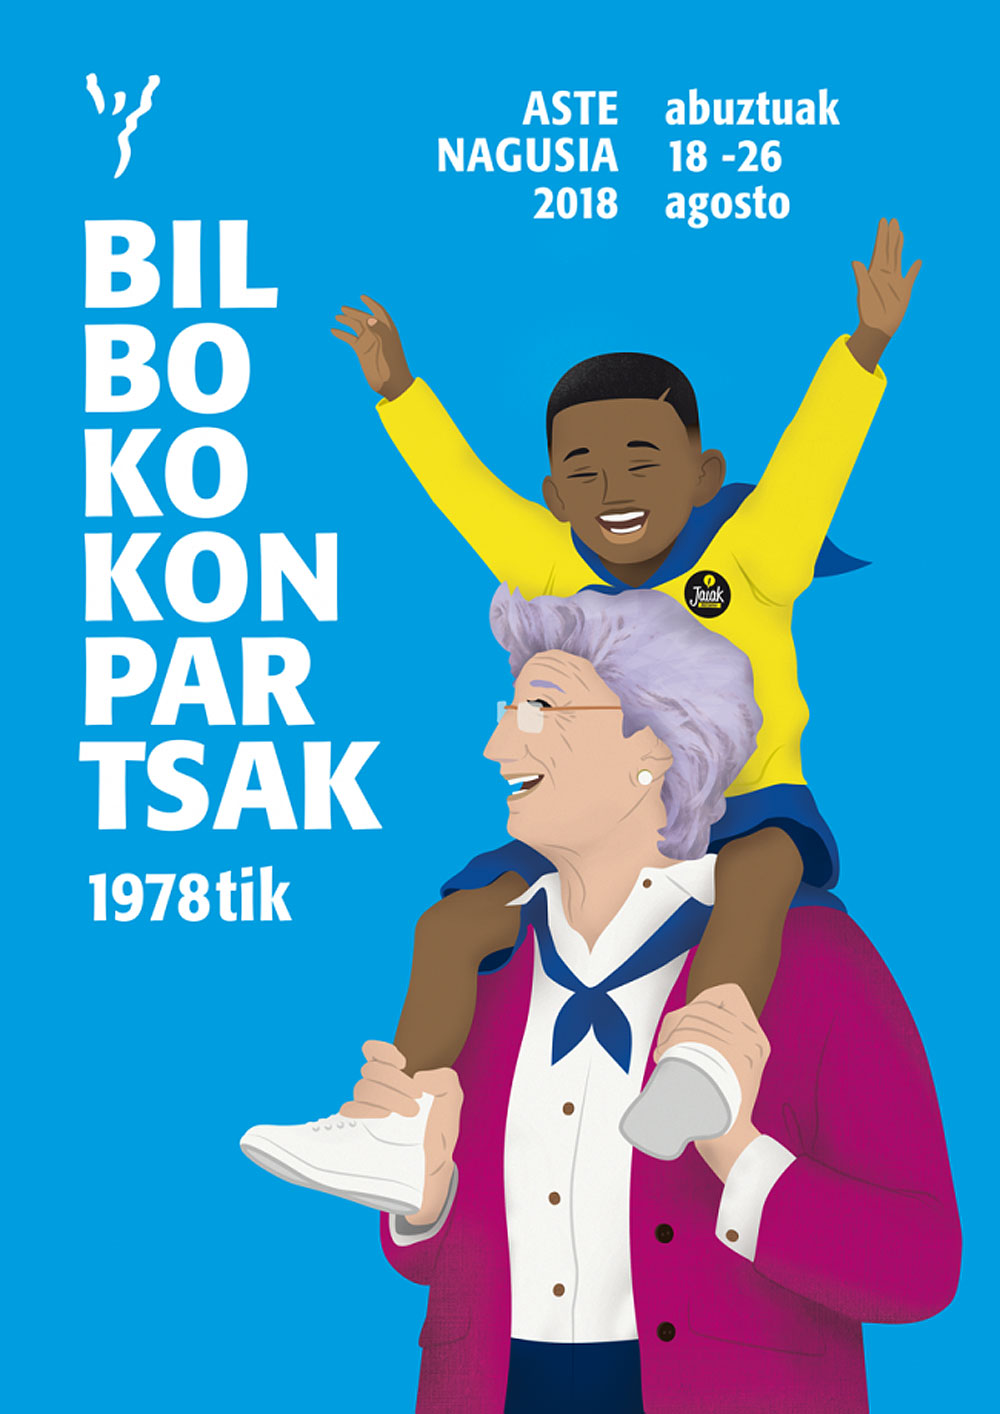 Cartel de las comparsas de Bilbao (2018)